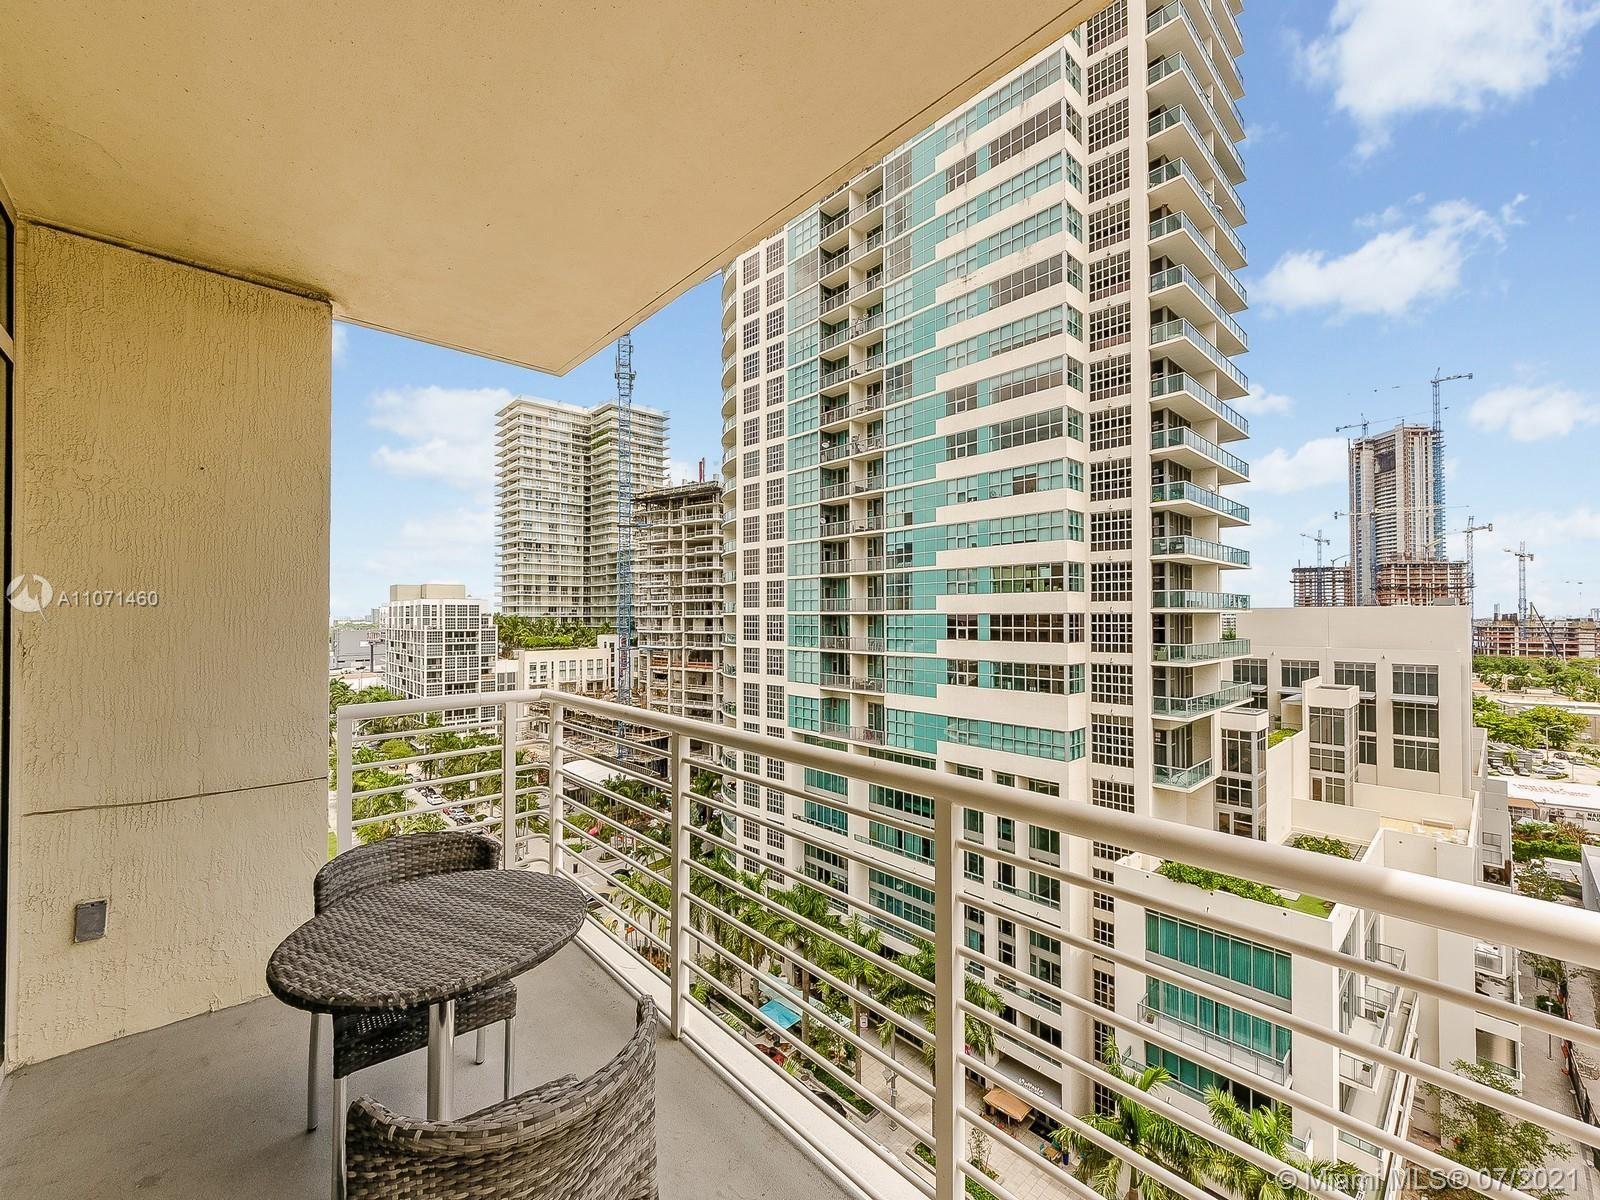 3250 NE 1st Ave #801, Miami, FL 33137 - #: A11071460